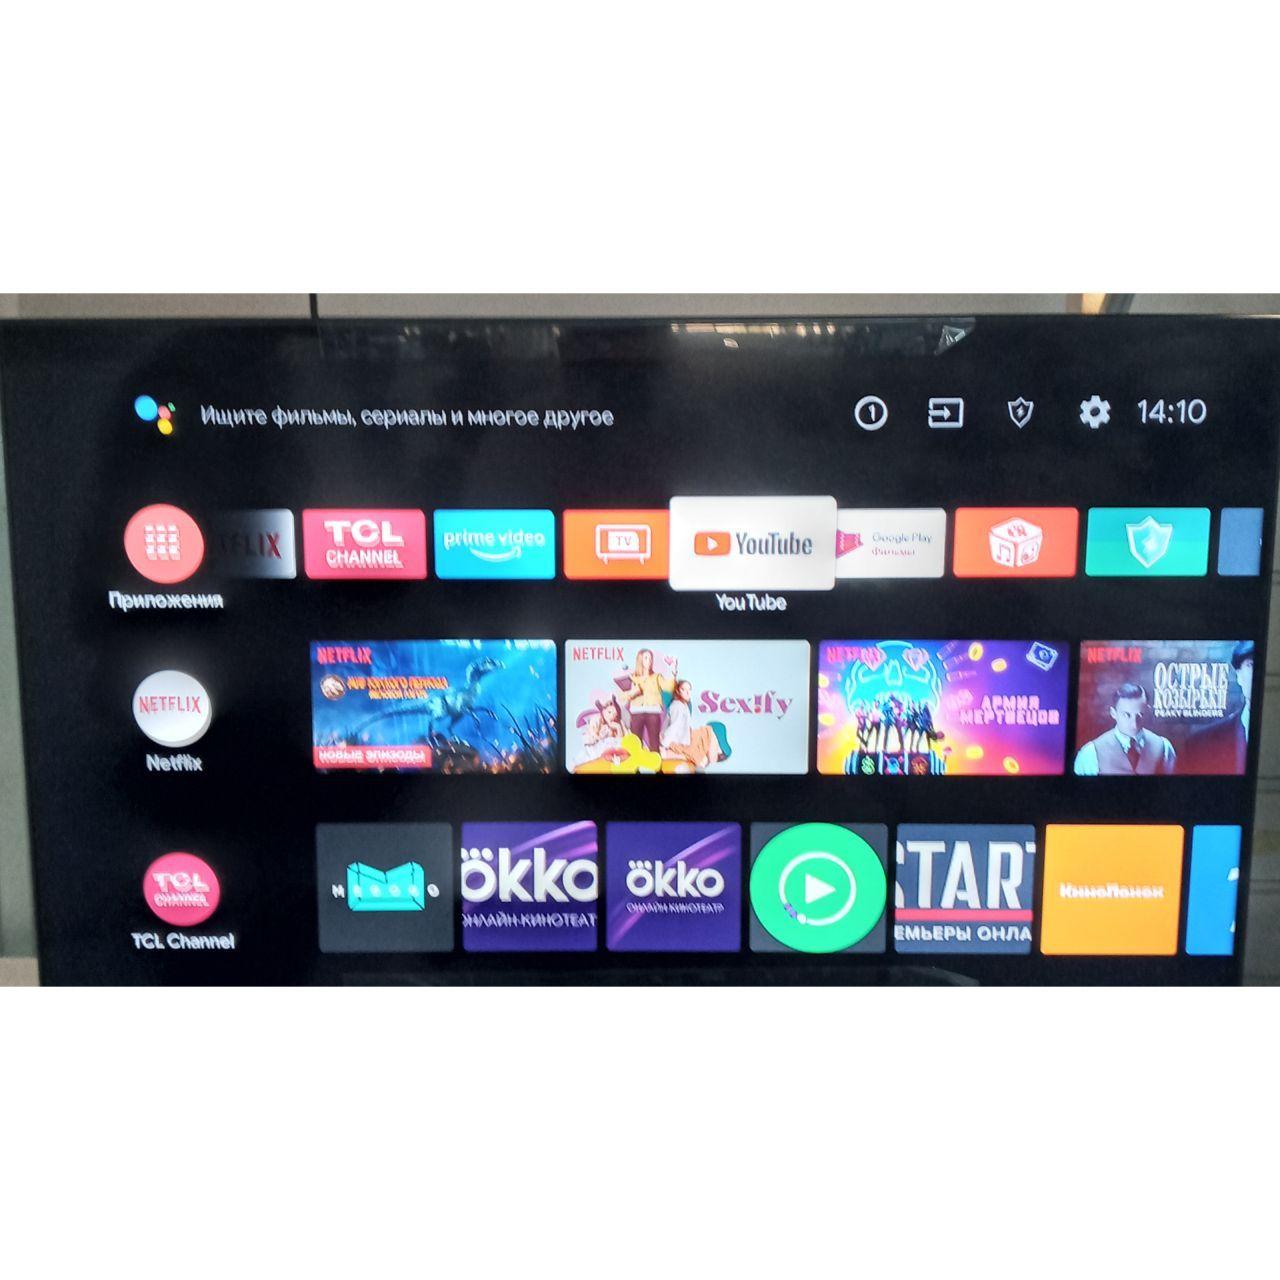 Телевизор TCL FullHD 102 см